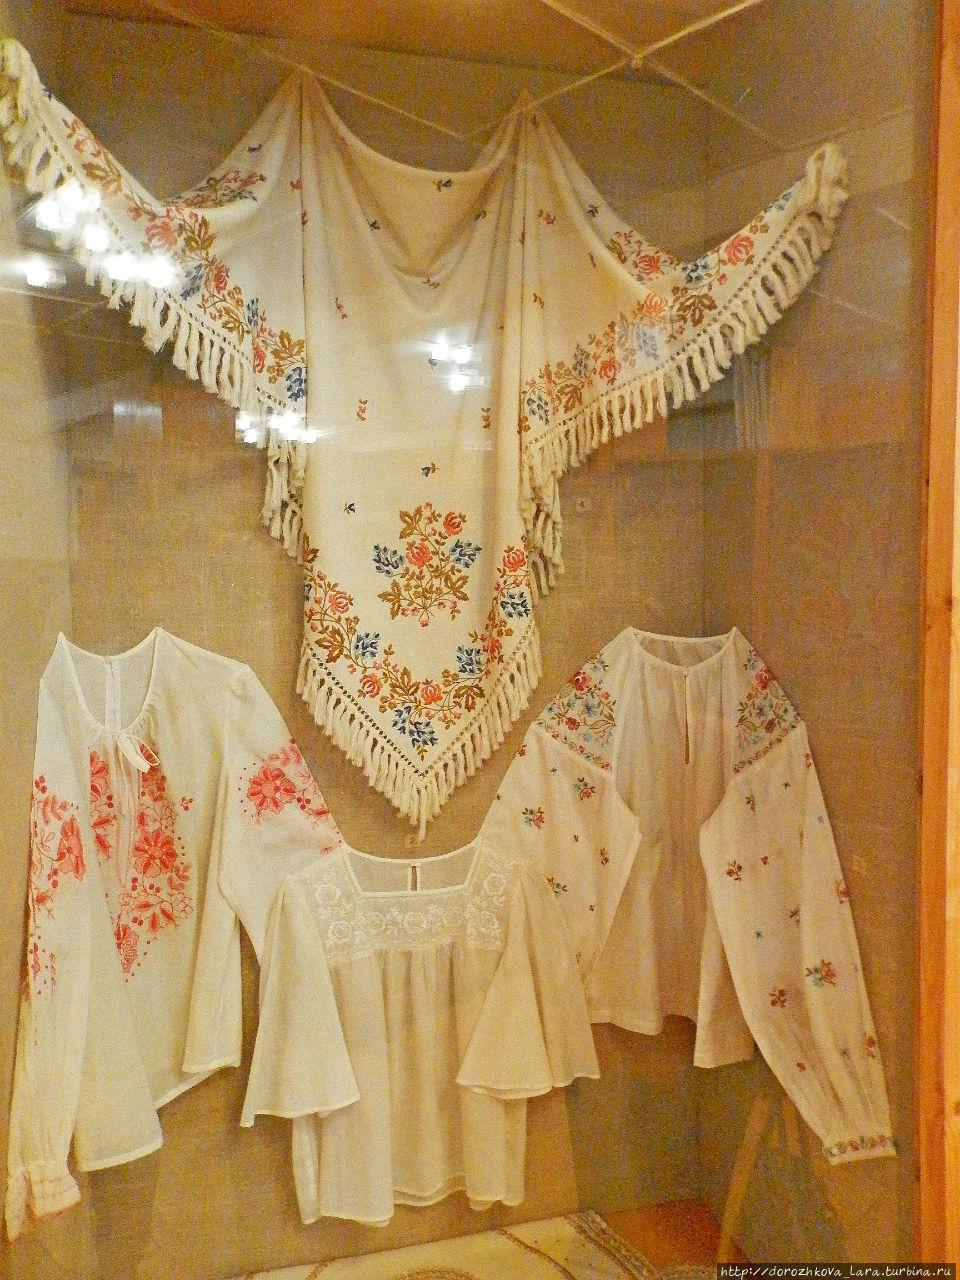 Одним из известных нижегородских промыслов является художественная вышивка. Она получила развитие в Нижнем Новгороде в 1933 году с созданием строчевышивальной фабрики «Юнона». Сохраняя древние традиции, фабрика и сегодня специализируется на разработке и выпуске женской одежды с элементами художественной вышивки.